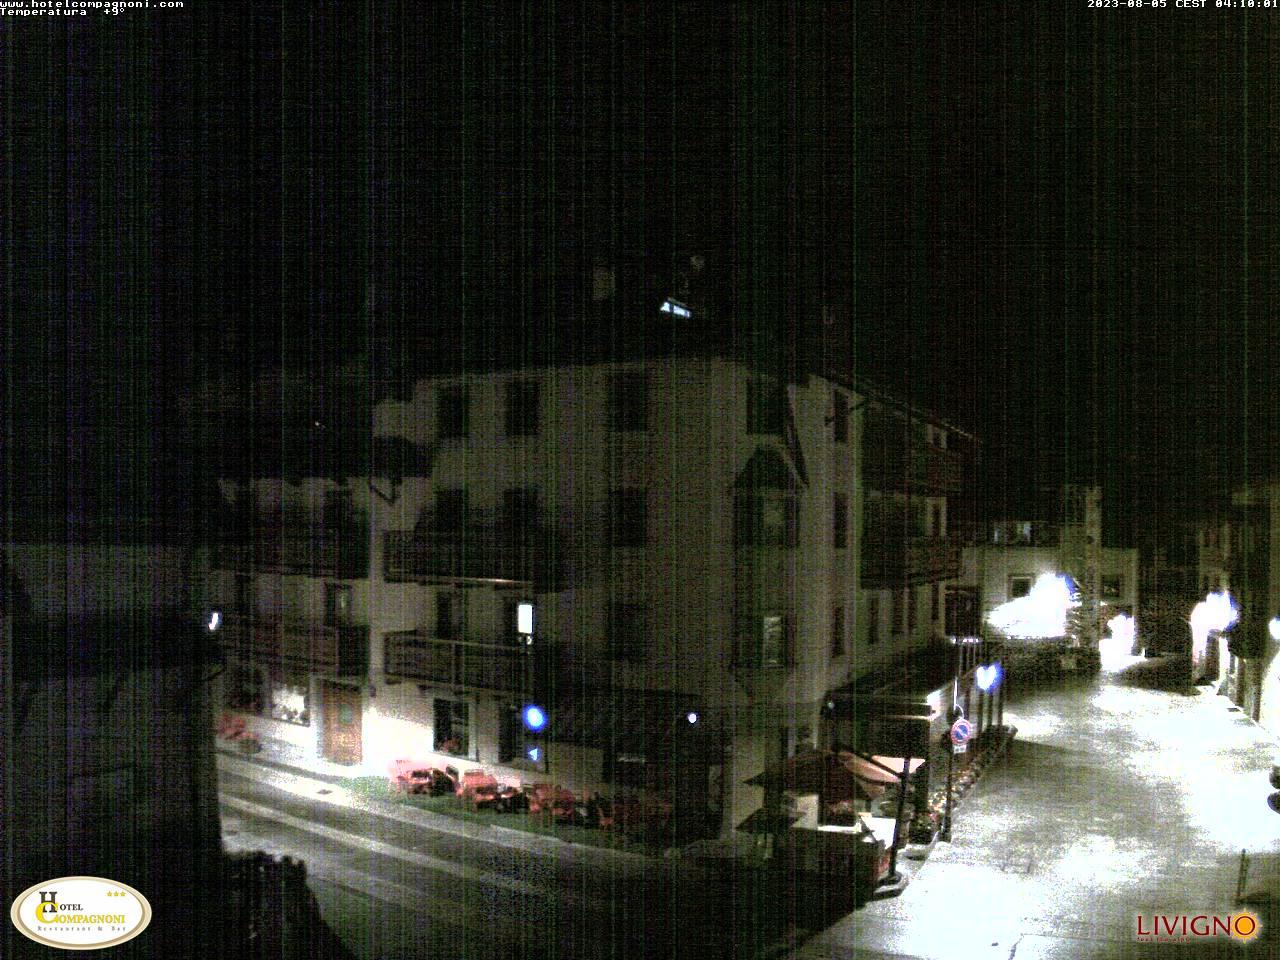 hotel compagnoni livigno webcam